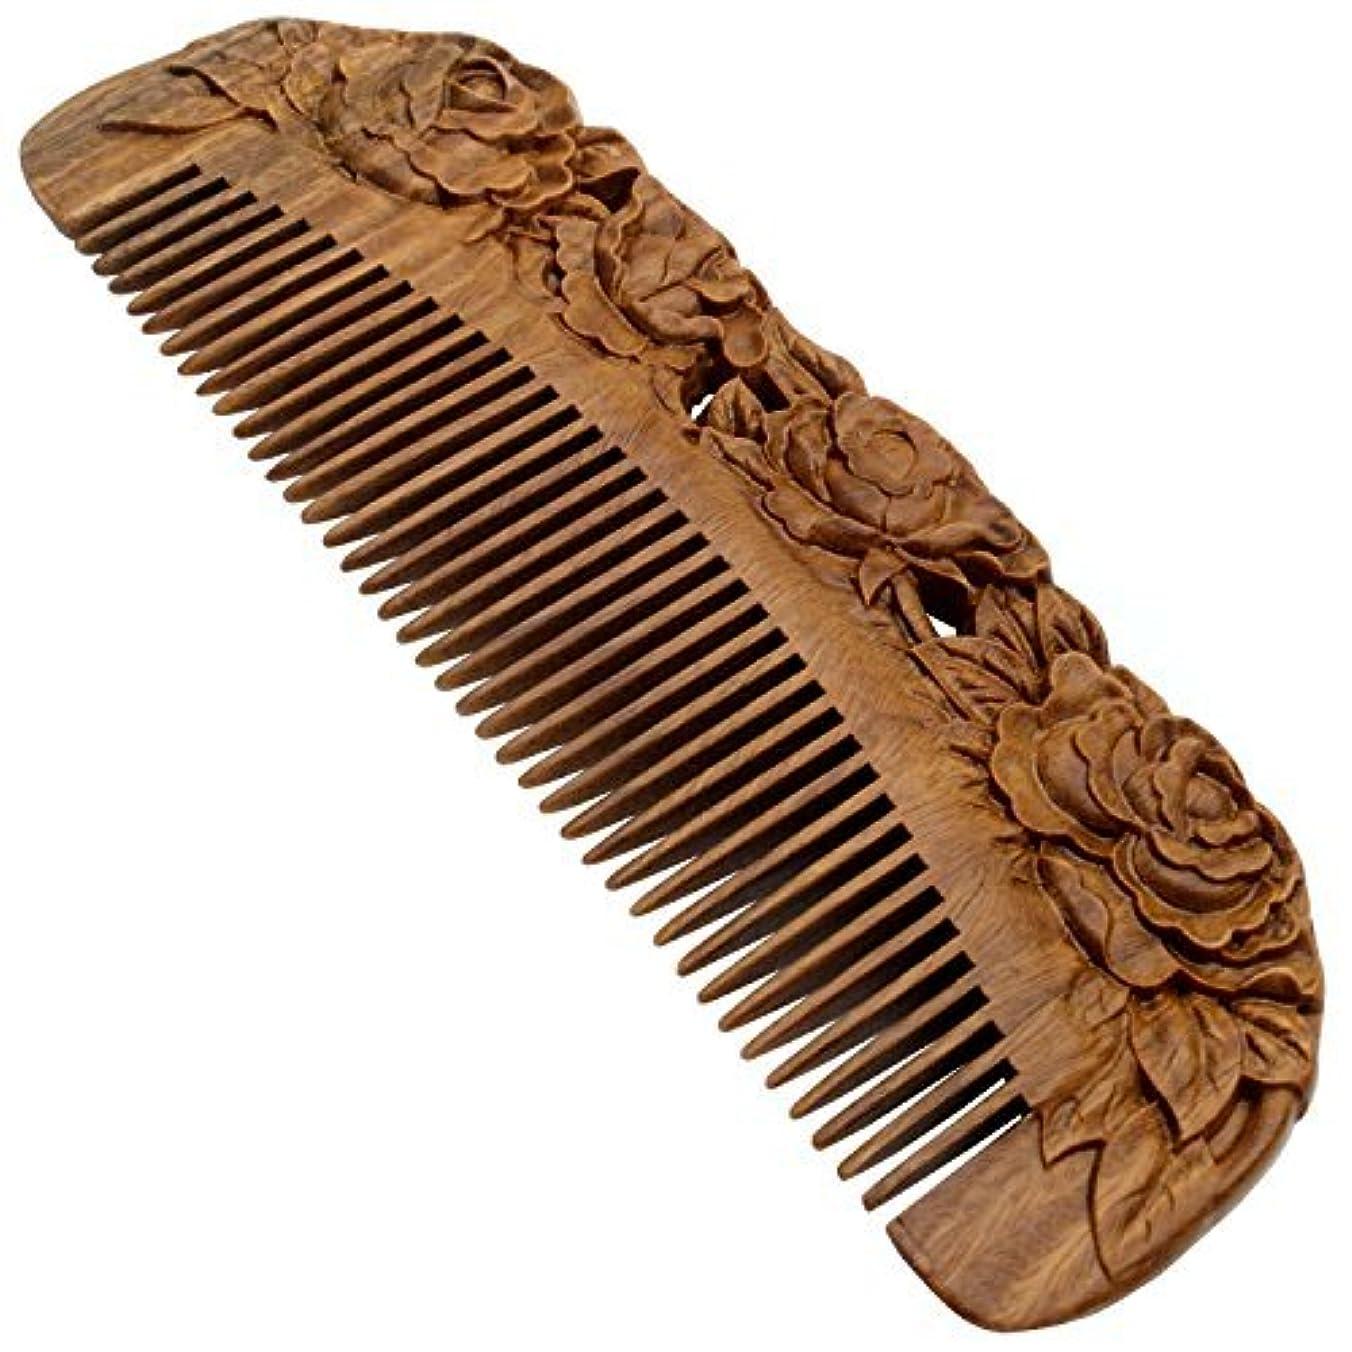 正統派霜振りかけるYOY Handmade Carved Natural Sandalwood Hair Comb - Anti-static No Snag Brush for Men's Mustache Beard Care Anti...